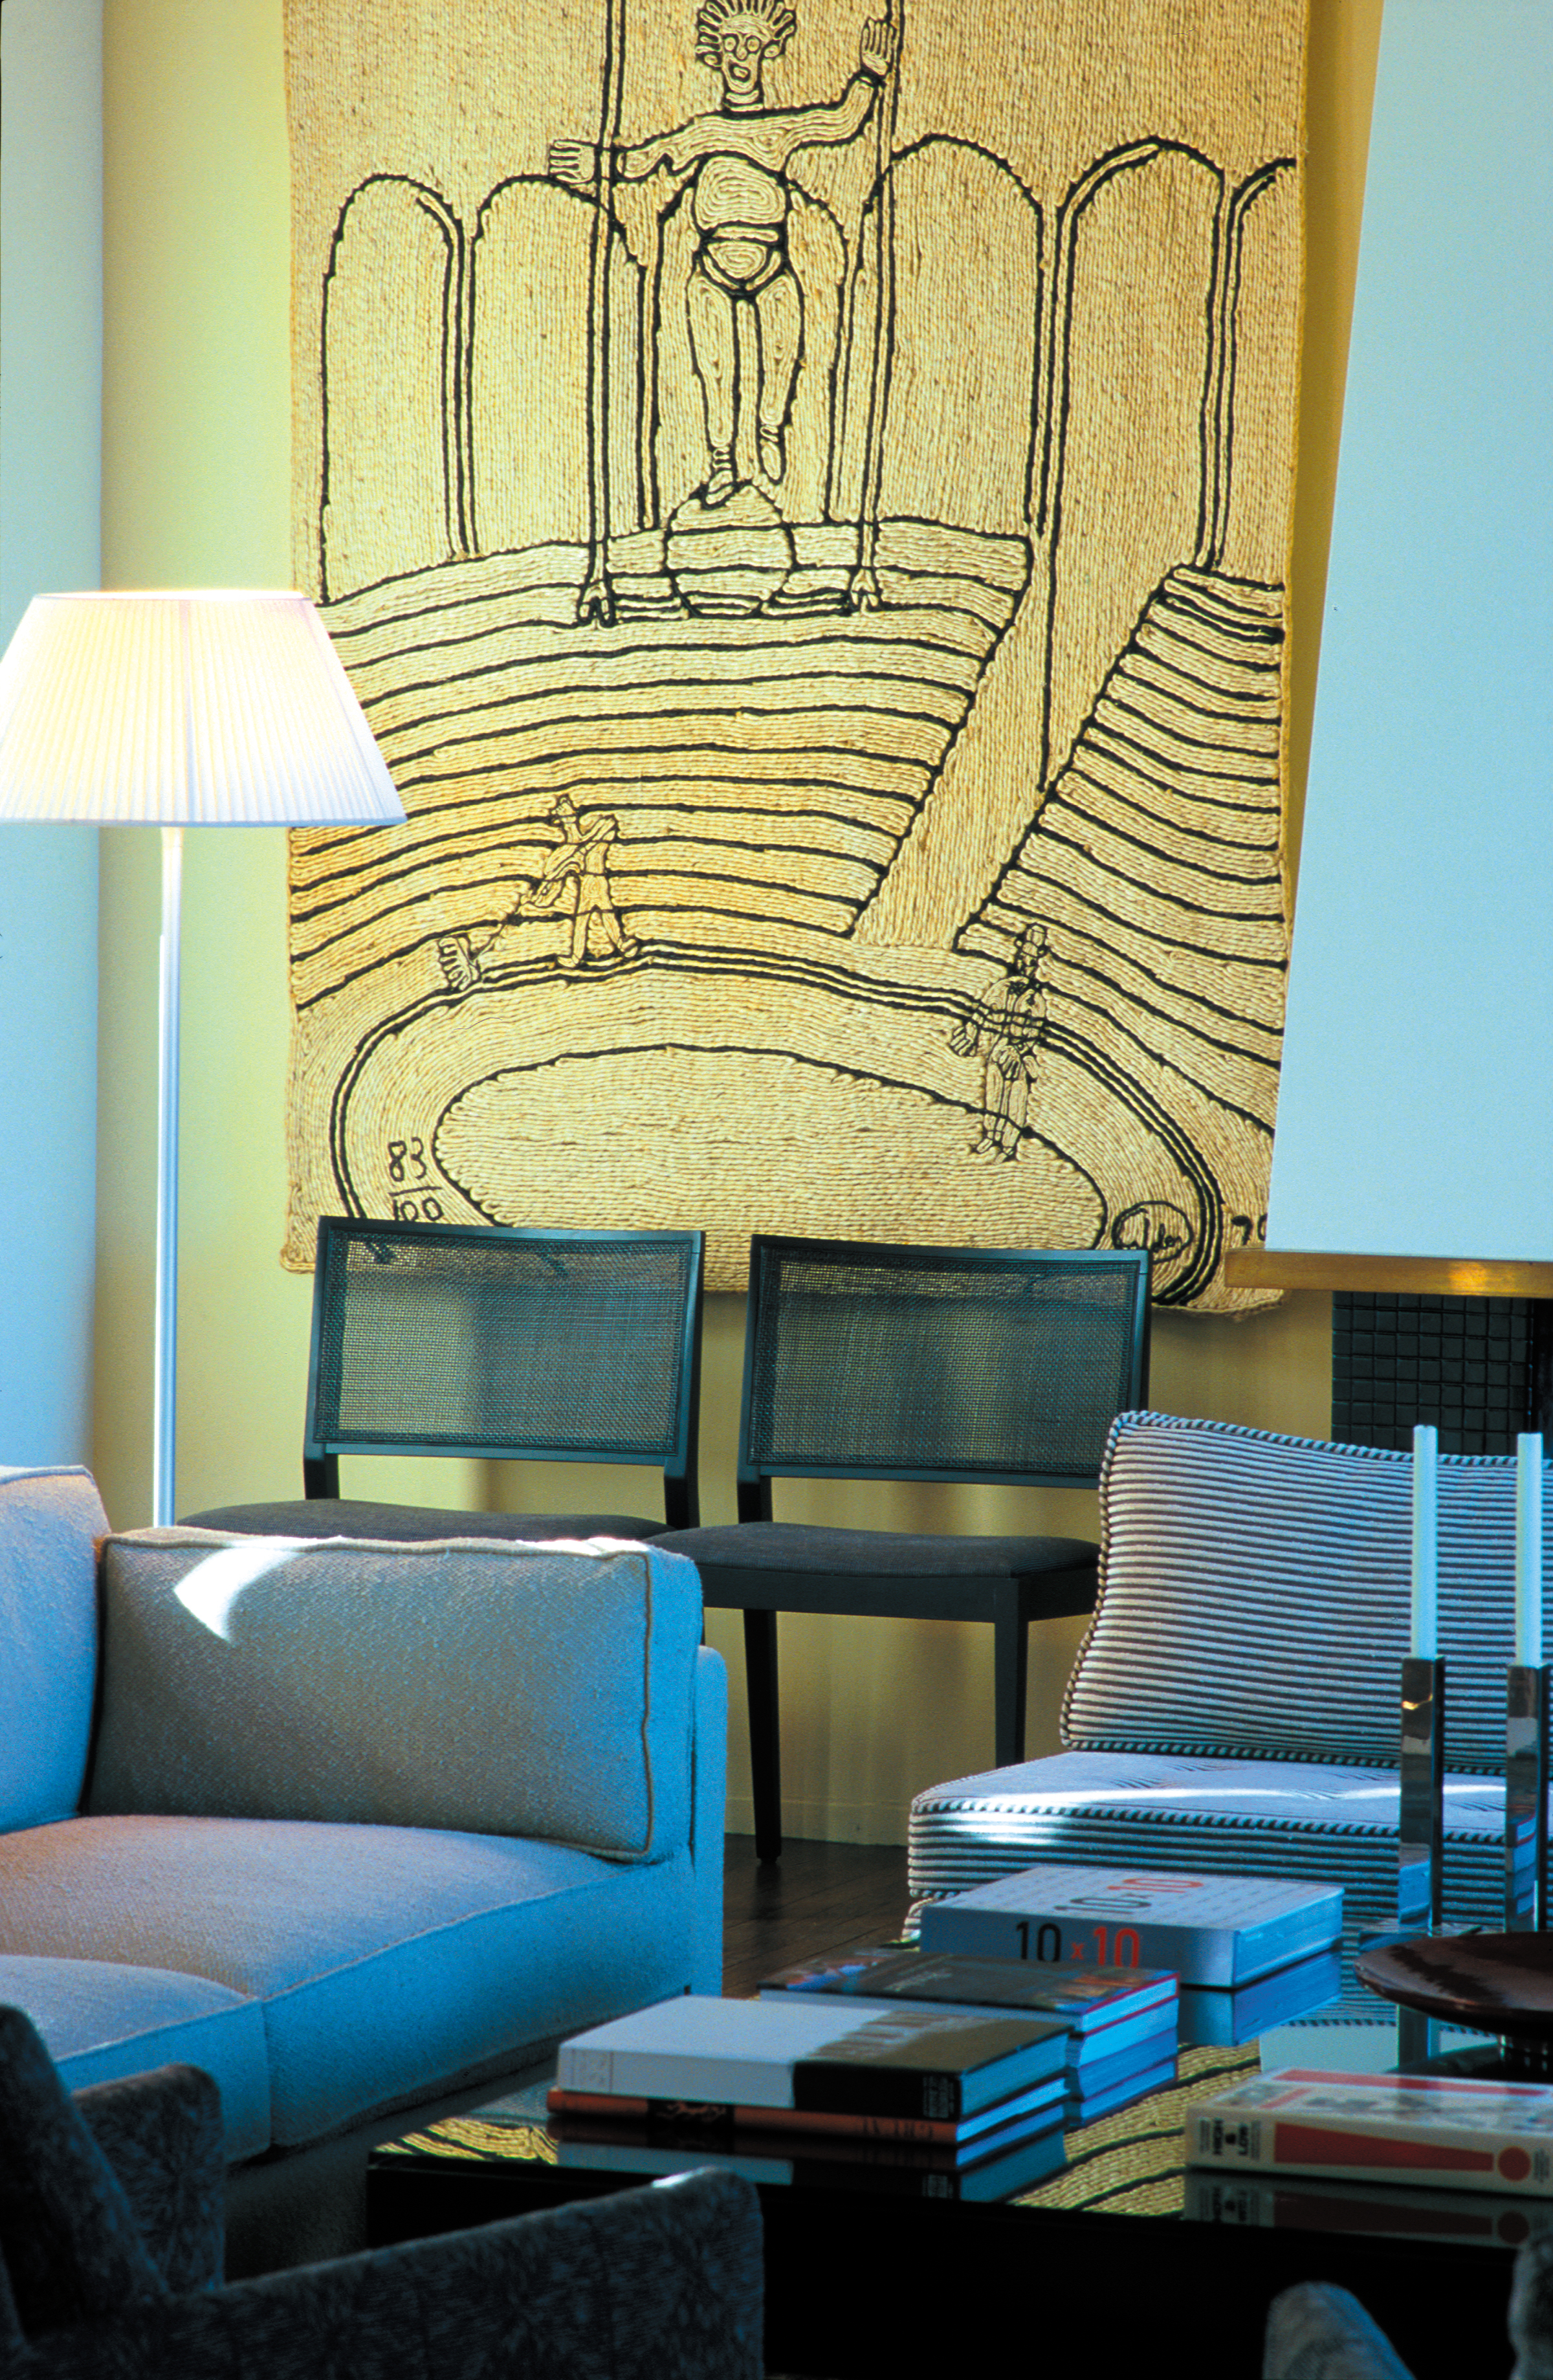 04-GPH-Living-Room-coffe-table-dtl-1_adjust.jpg